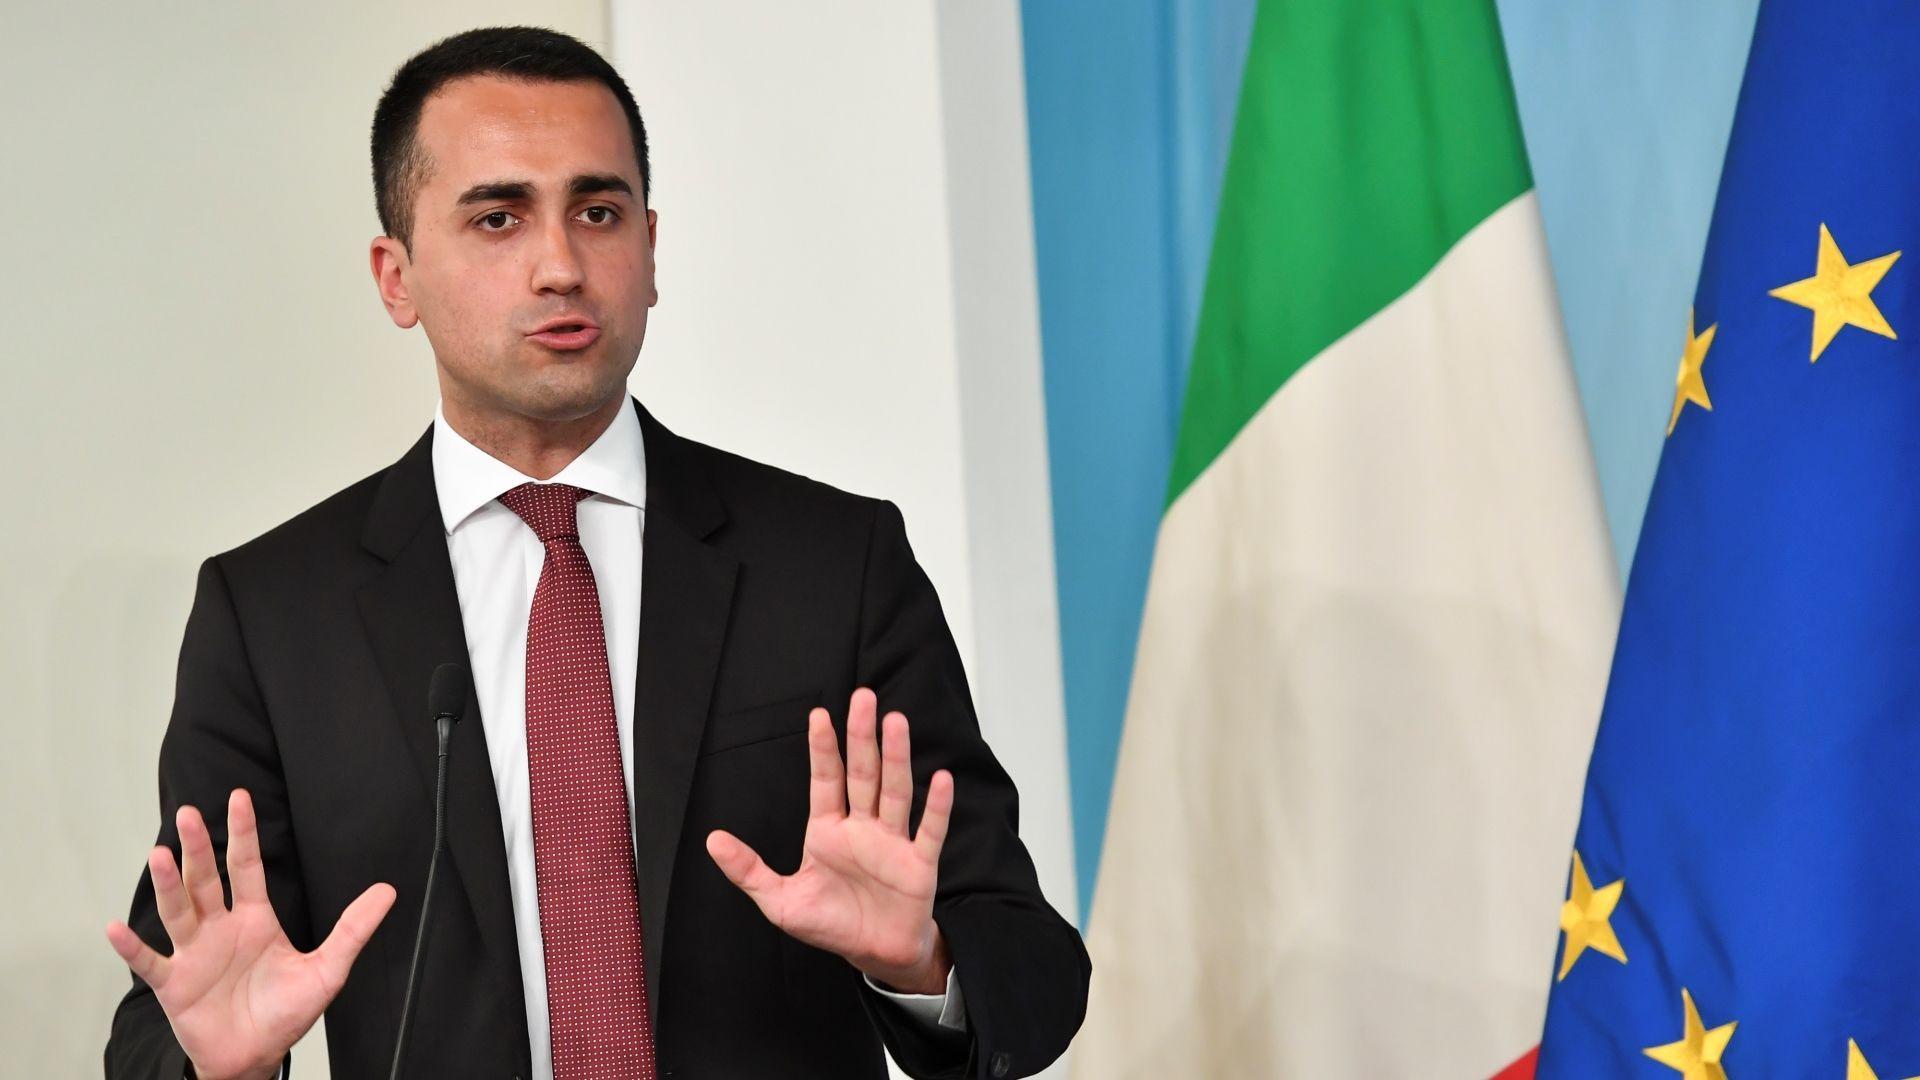 إيطاليا تؤكد استعدادها للقيام بدور رئيسي في مراقبة الهدنة بليبيا